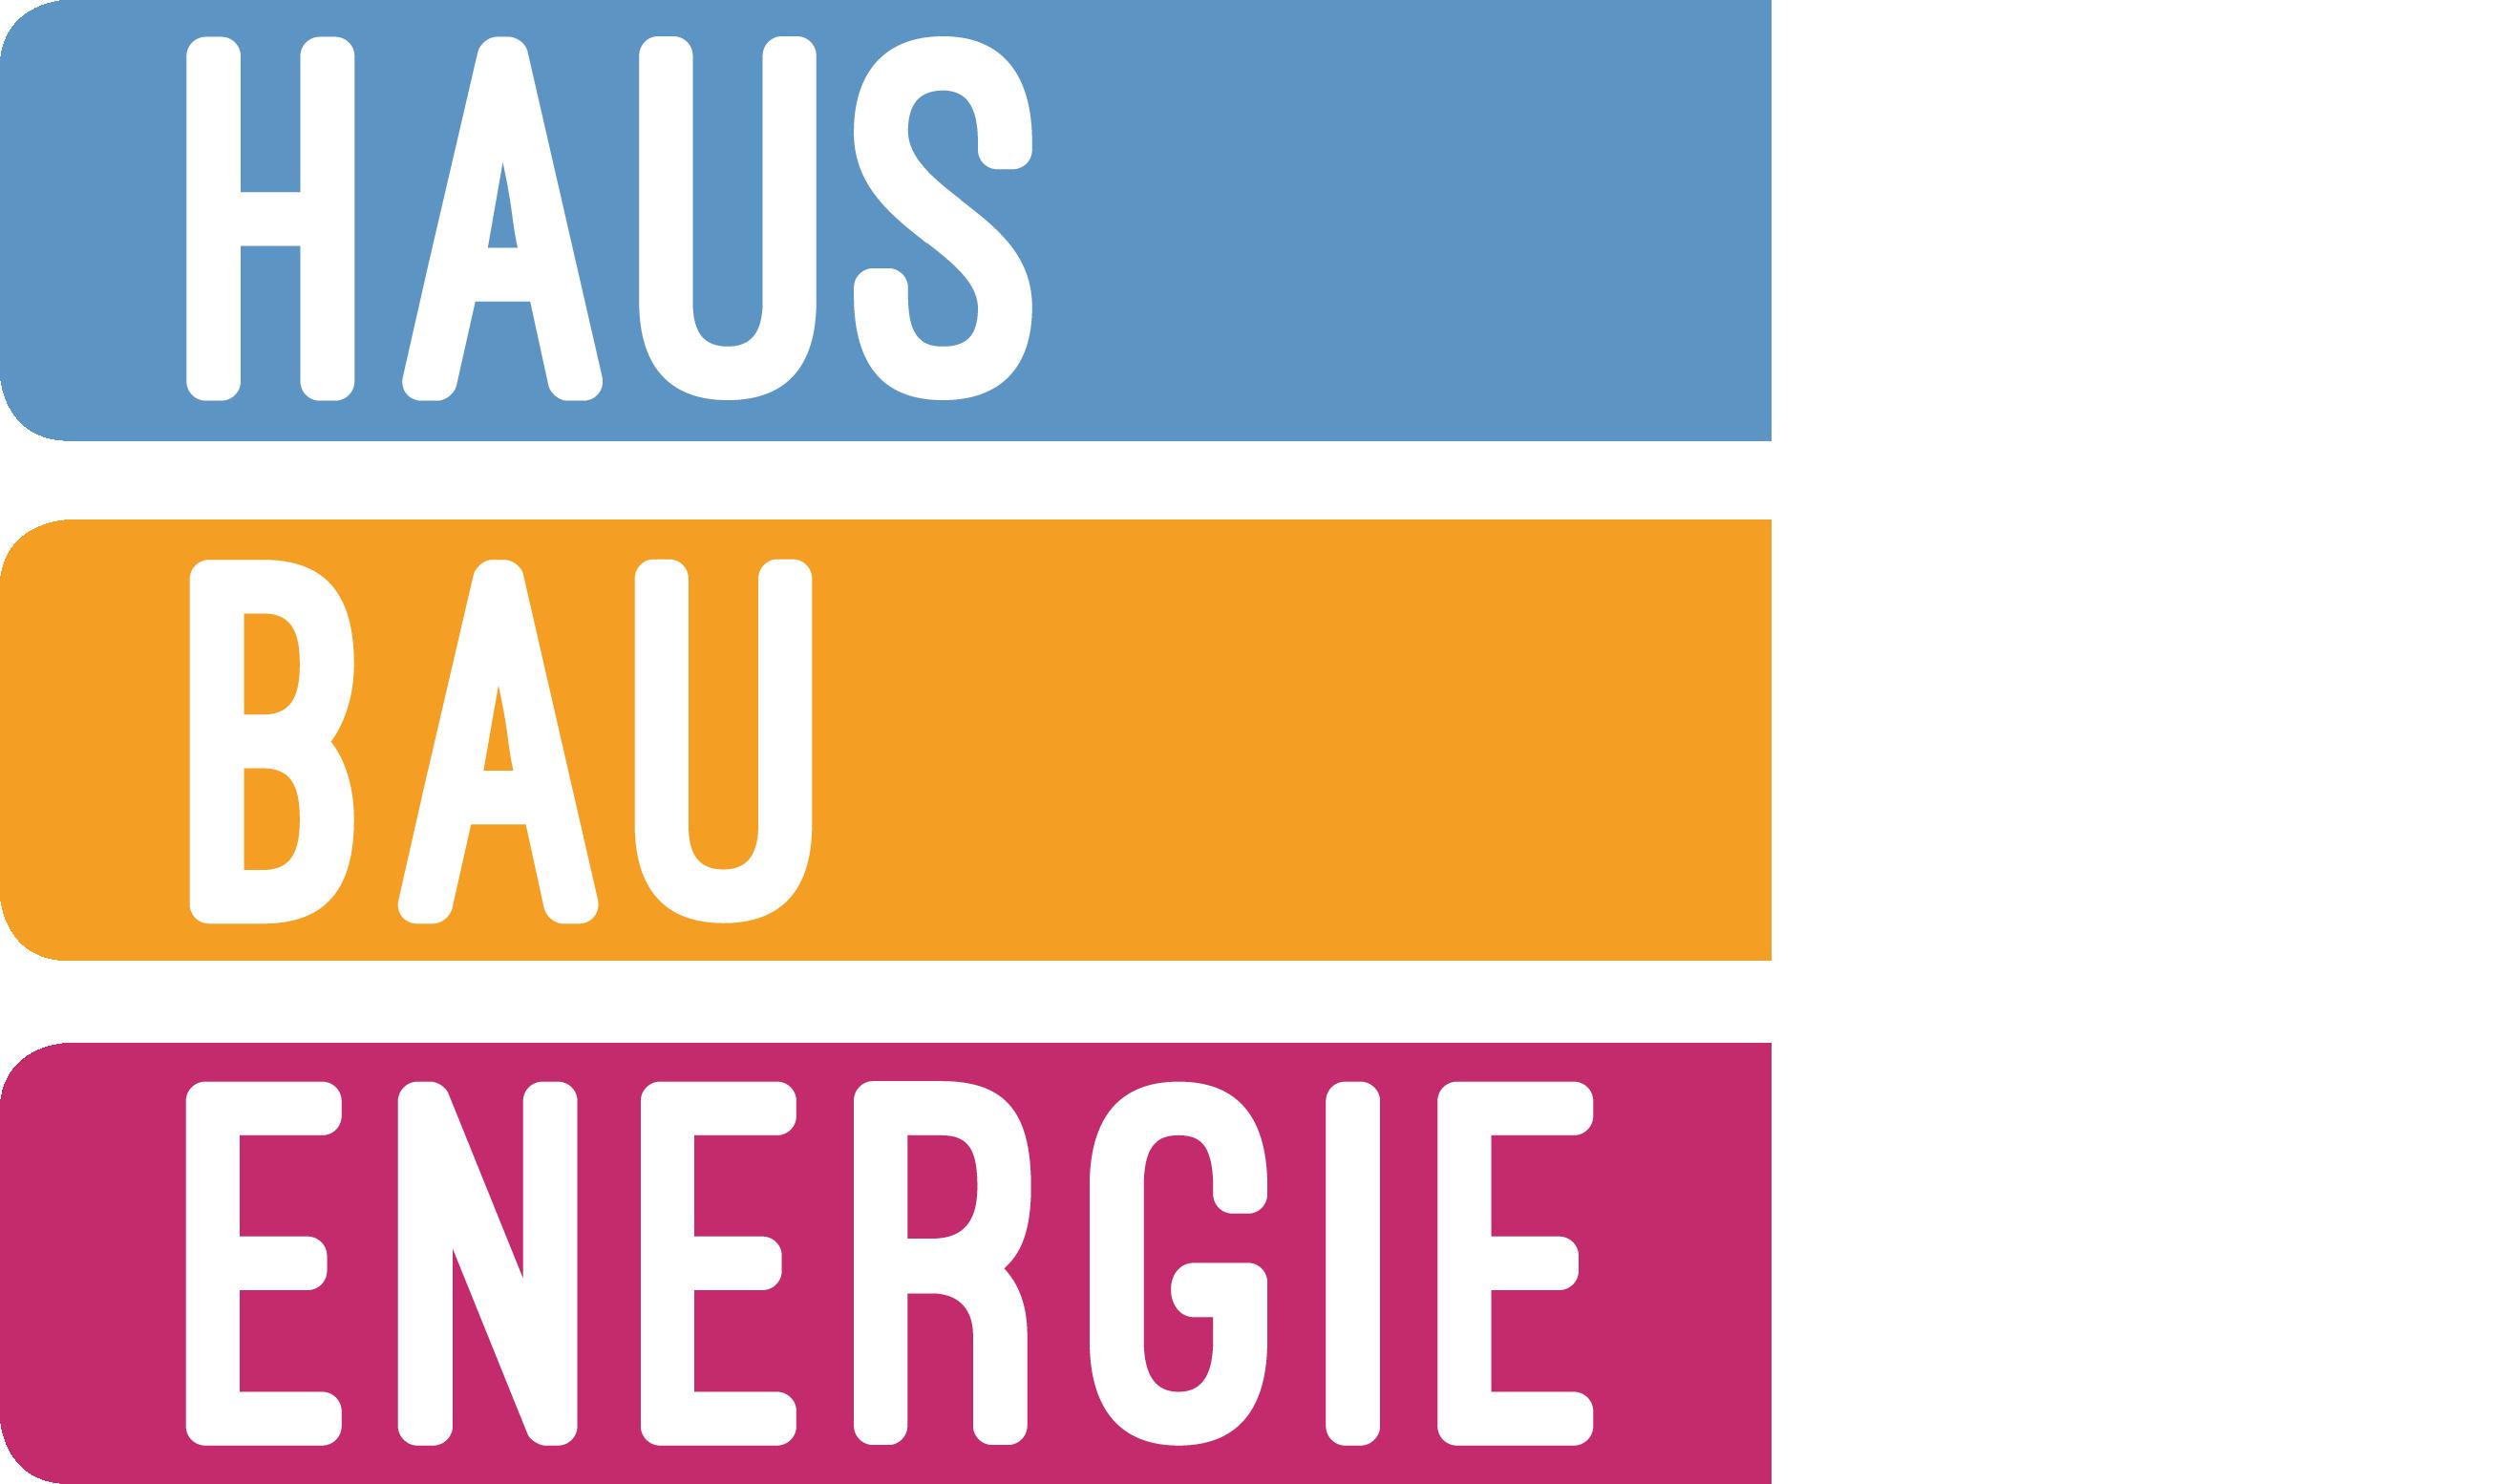 Logo Messe Haus Bau Energie